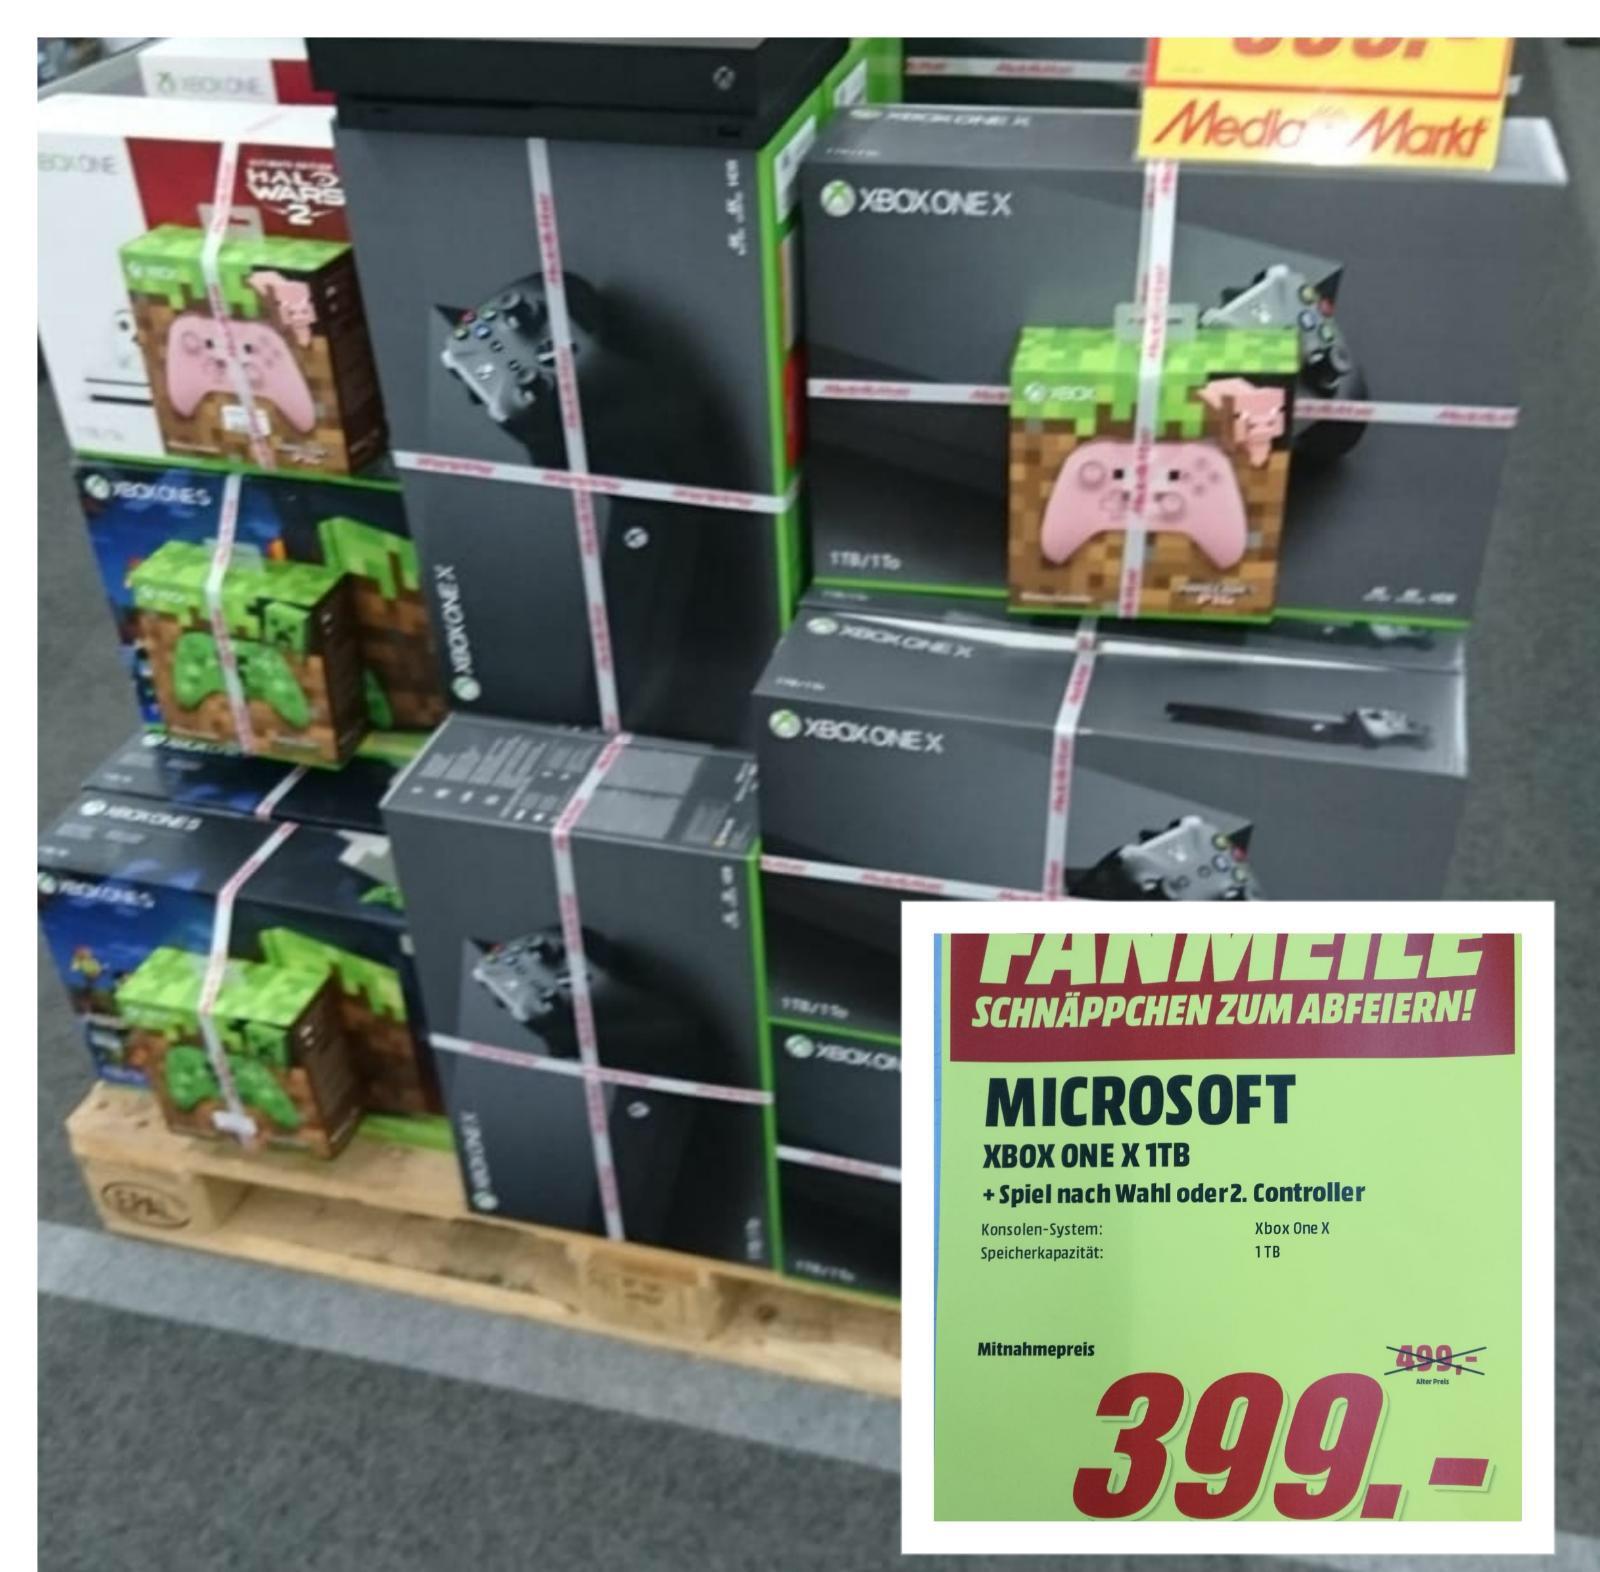 (LOKAL) XBOX ONE X inkl. 2tem Controller oder Spiel nach Wahl, Media Markt Weiterstadt